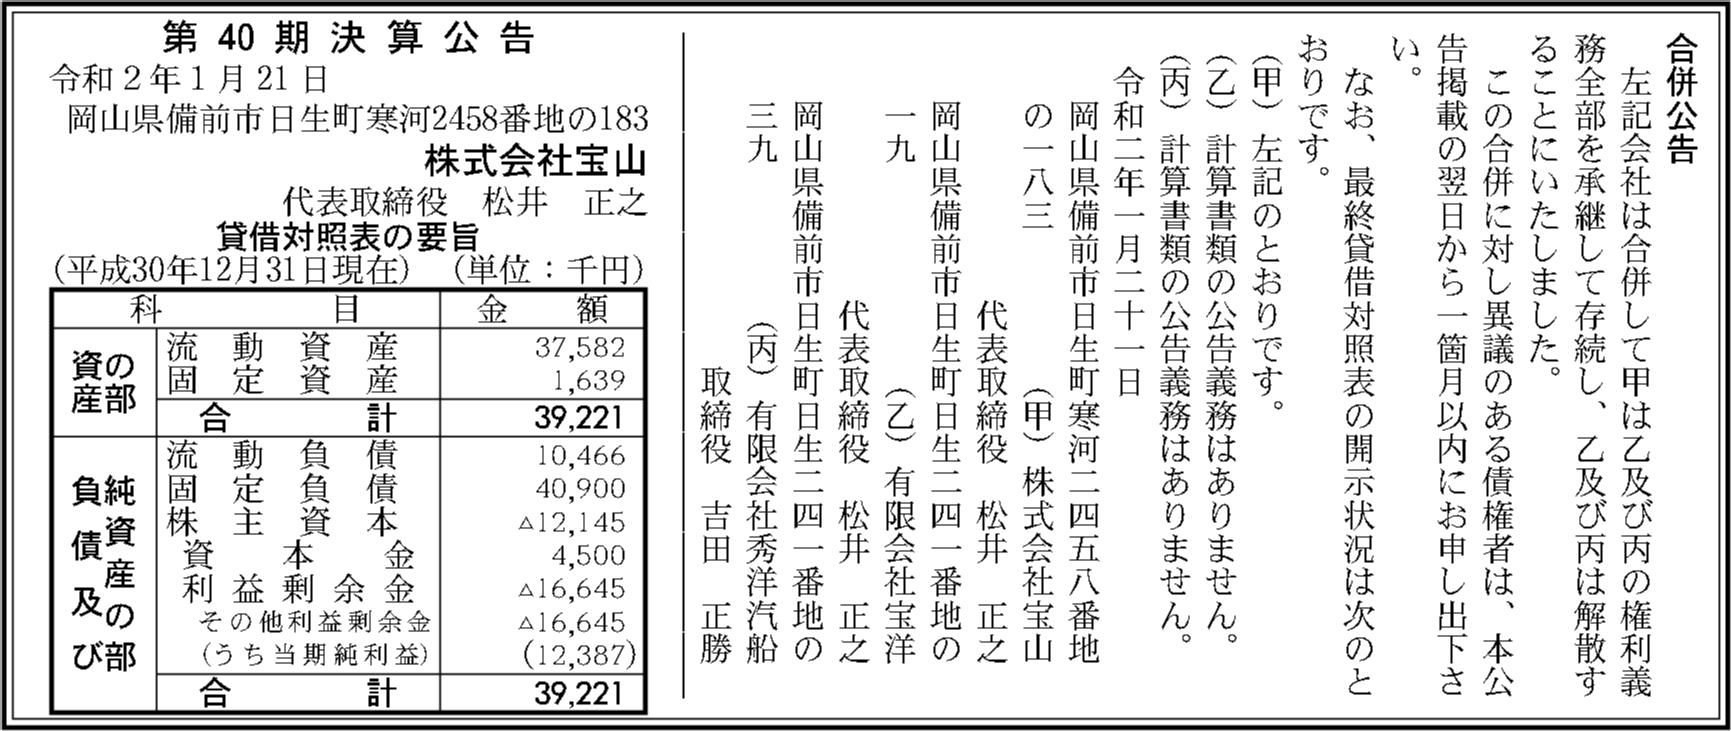 0030 15e8d758846e26bf06632893610f0da52f6db70421f20996aa1f3fdfba60f2d6703a7fa90a1a65ab523d866225e8ea41d1ce5a566e6f16b13c51d518363cd6ab 02